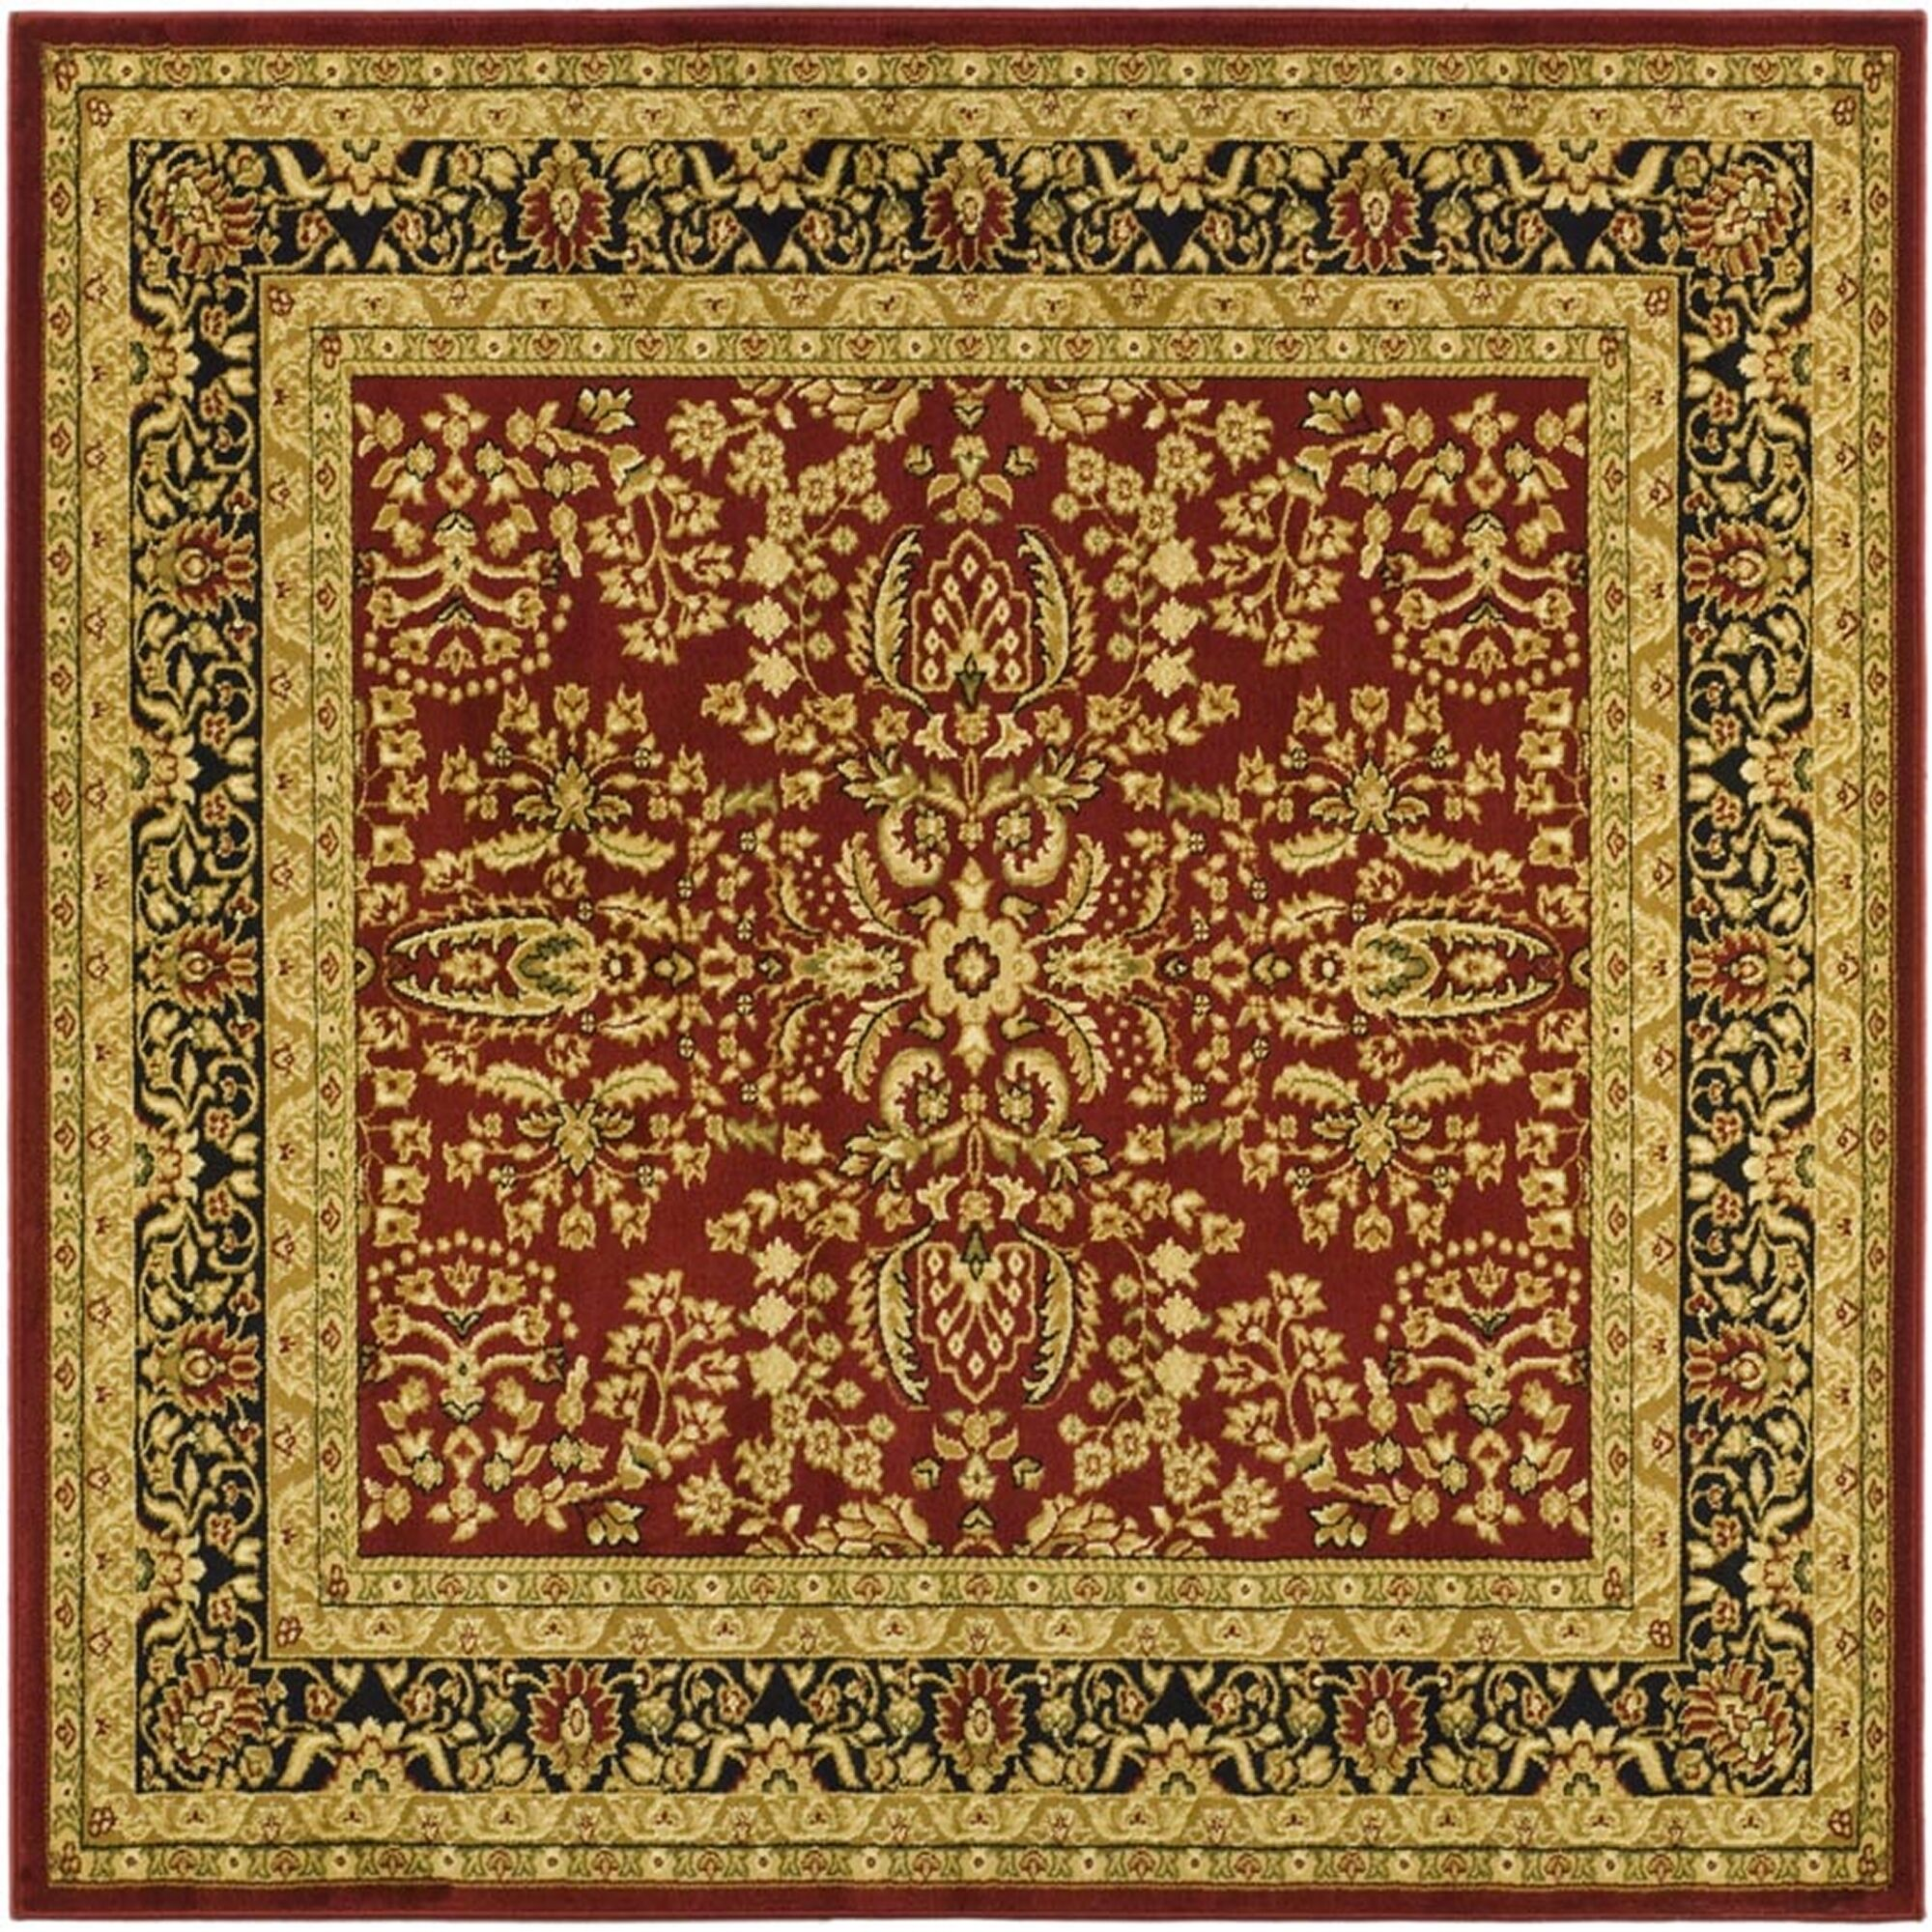 Ottis Red/Black Area Rug Rug Size: Square 10'